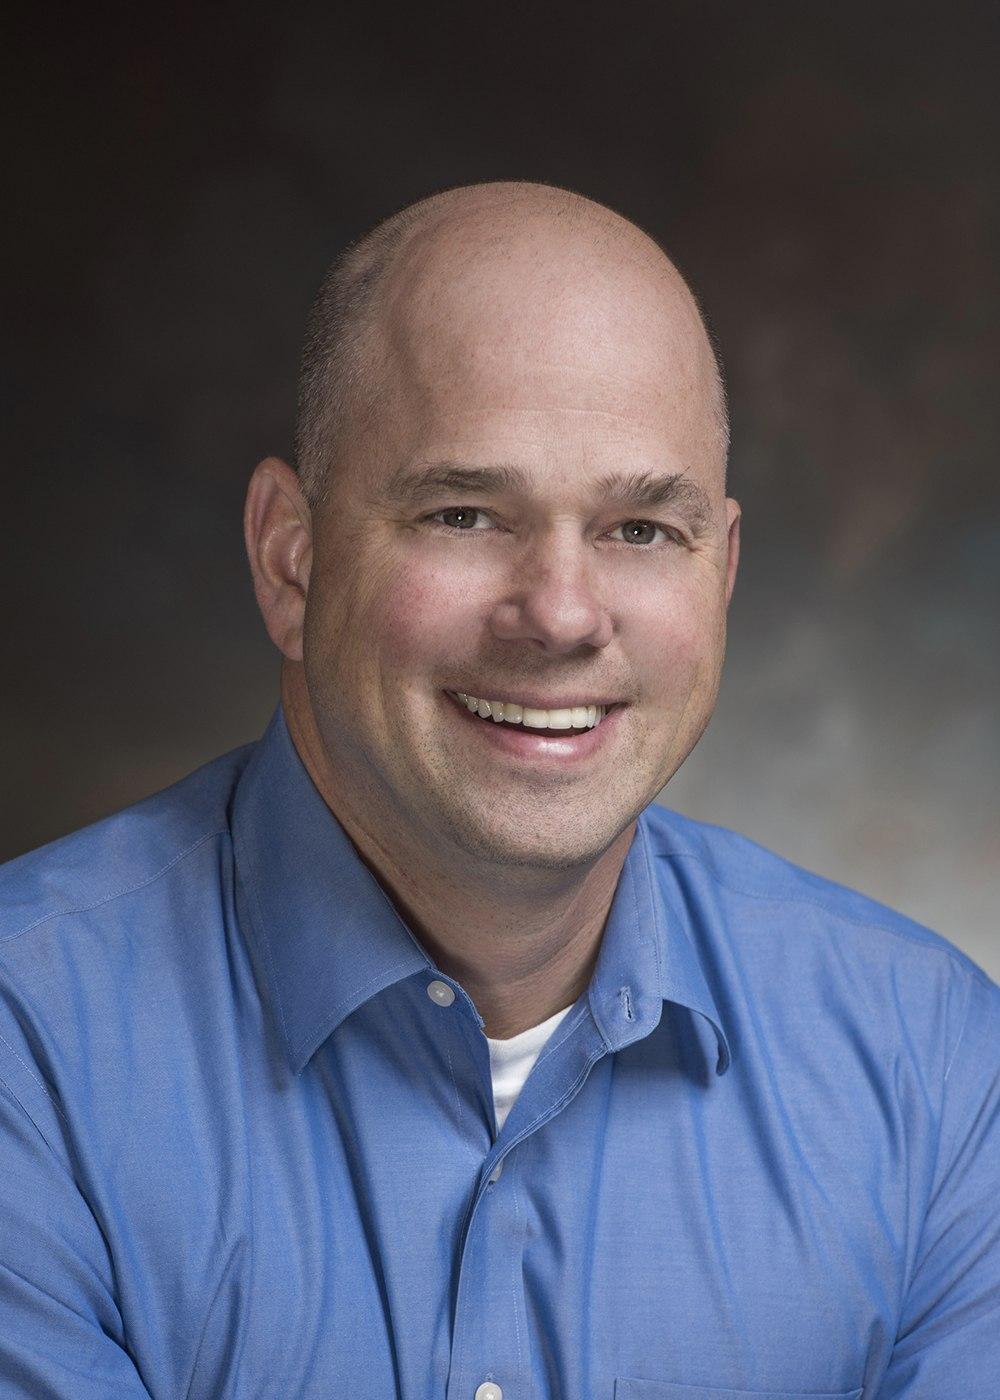 Ryan Chandler, Branch Manager